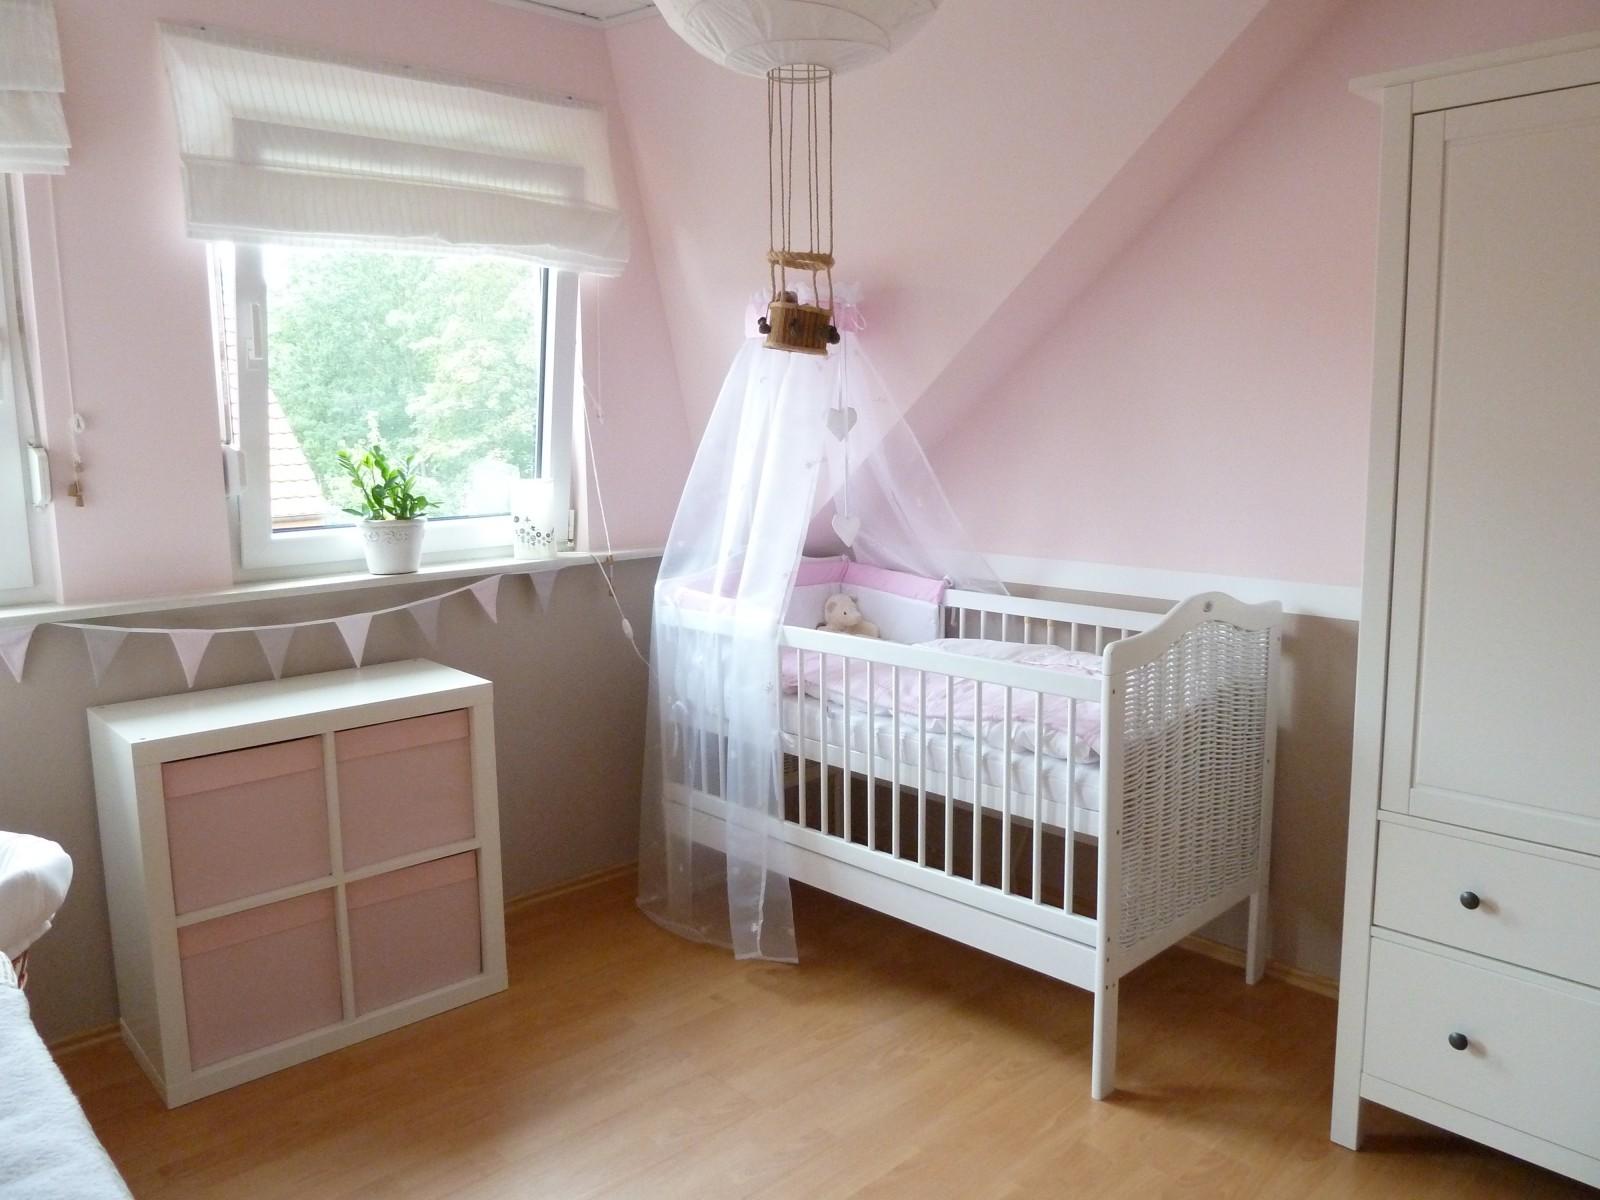 Kinderzimmer 39 unser babyzimmer 39 elisas prinzessinnenreich zimmerschau - Babyzimmer forum ...